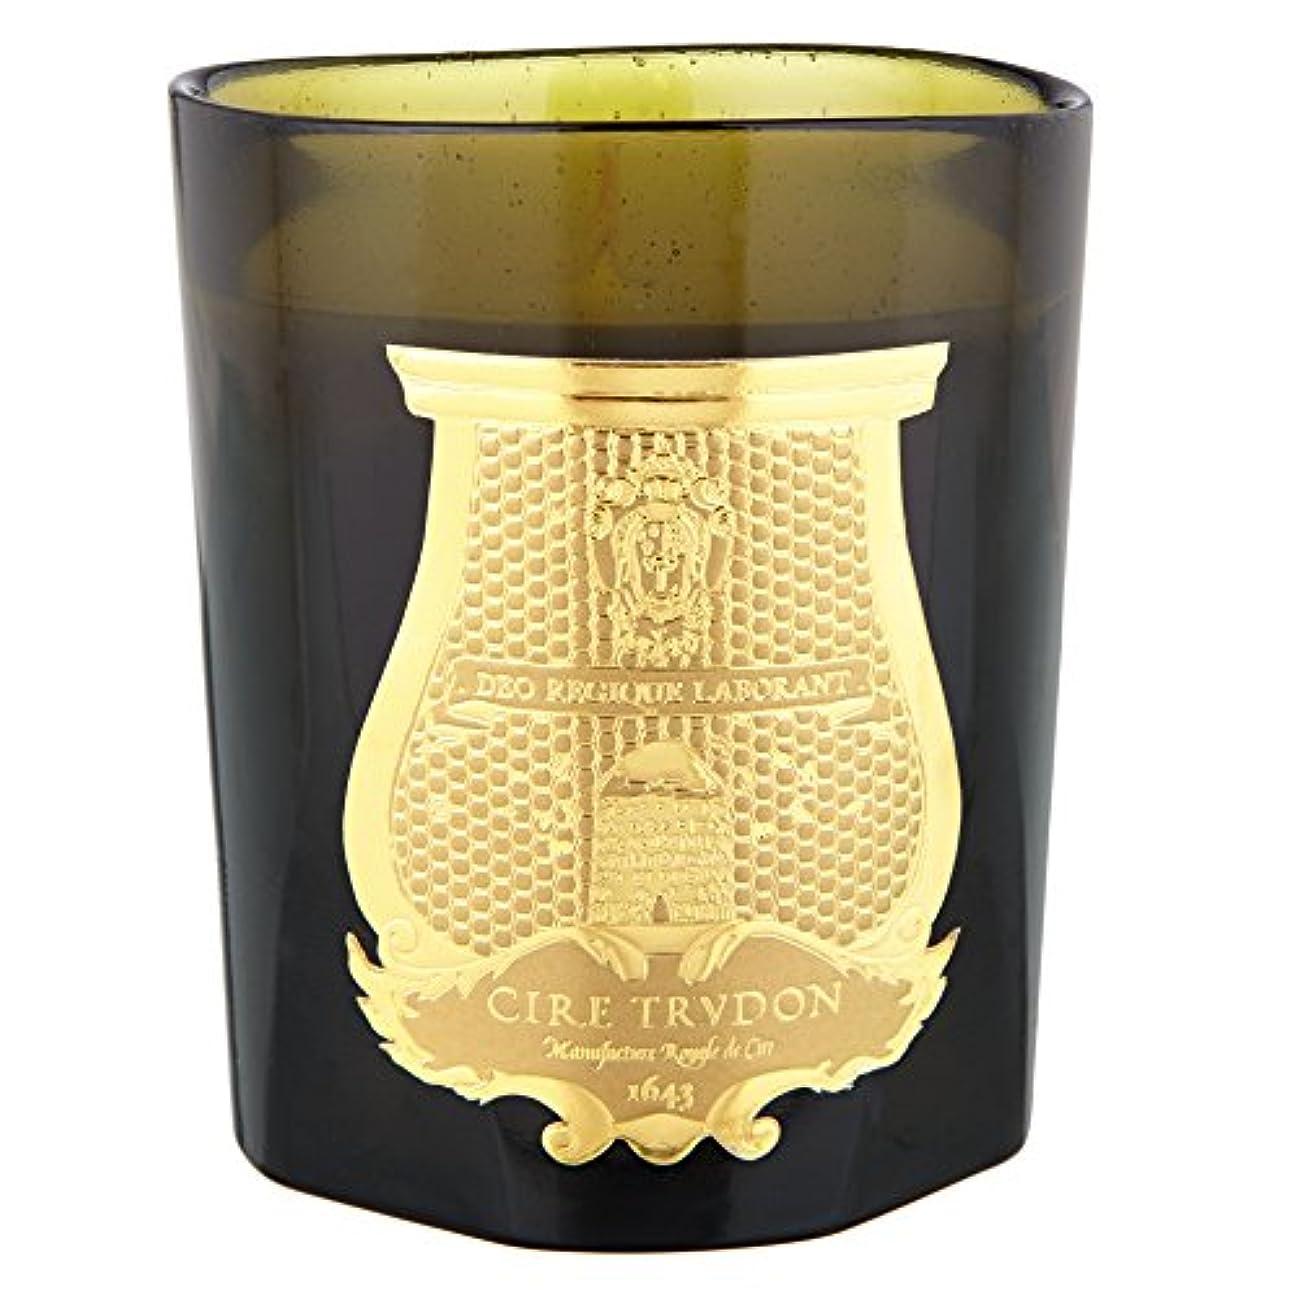 櫛サーバント全員Cire Trudon酒精サンクティ香りのキャンドル (Cire Trudon) - Cire Trudon Spiritus Sancti Scented Candle [並行輸入品]